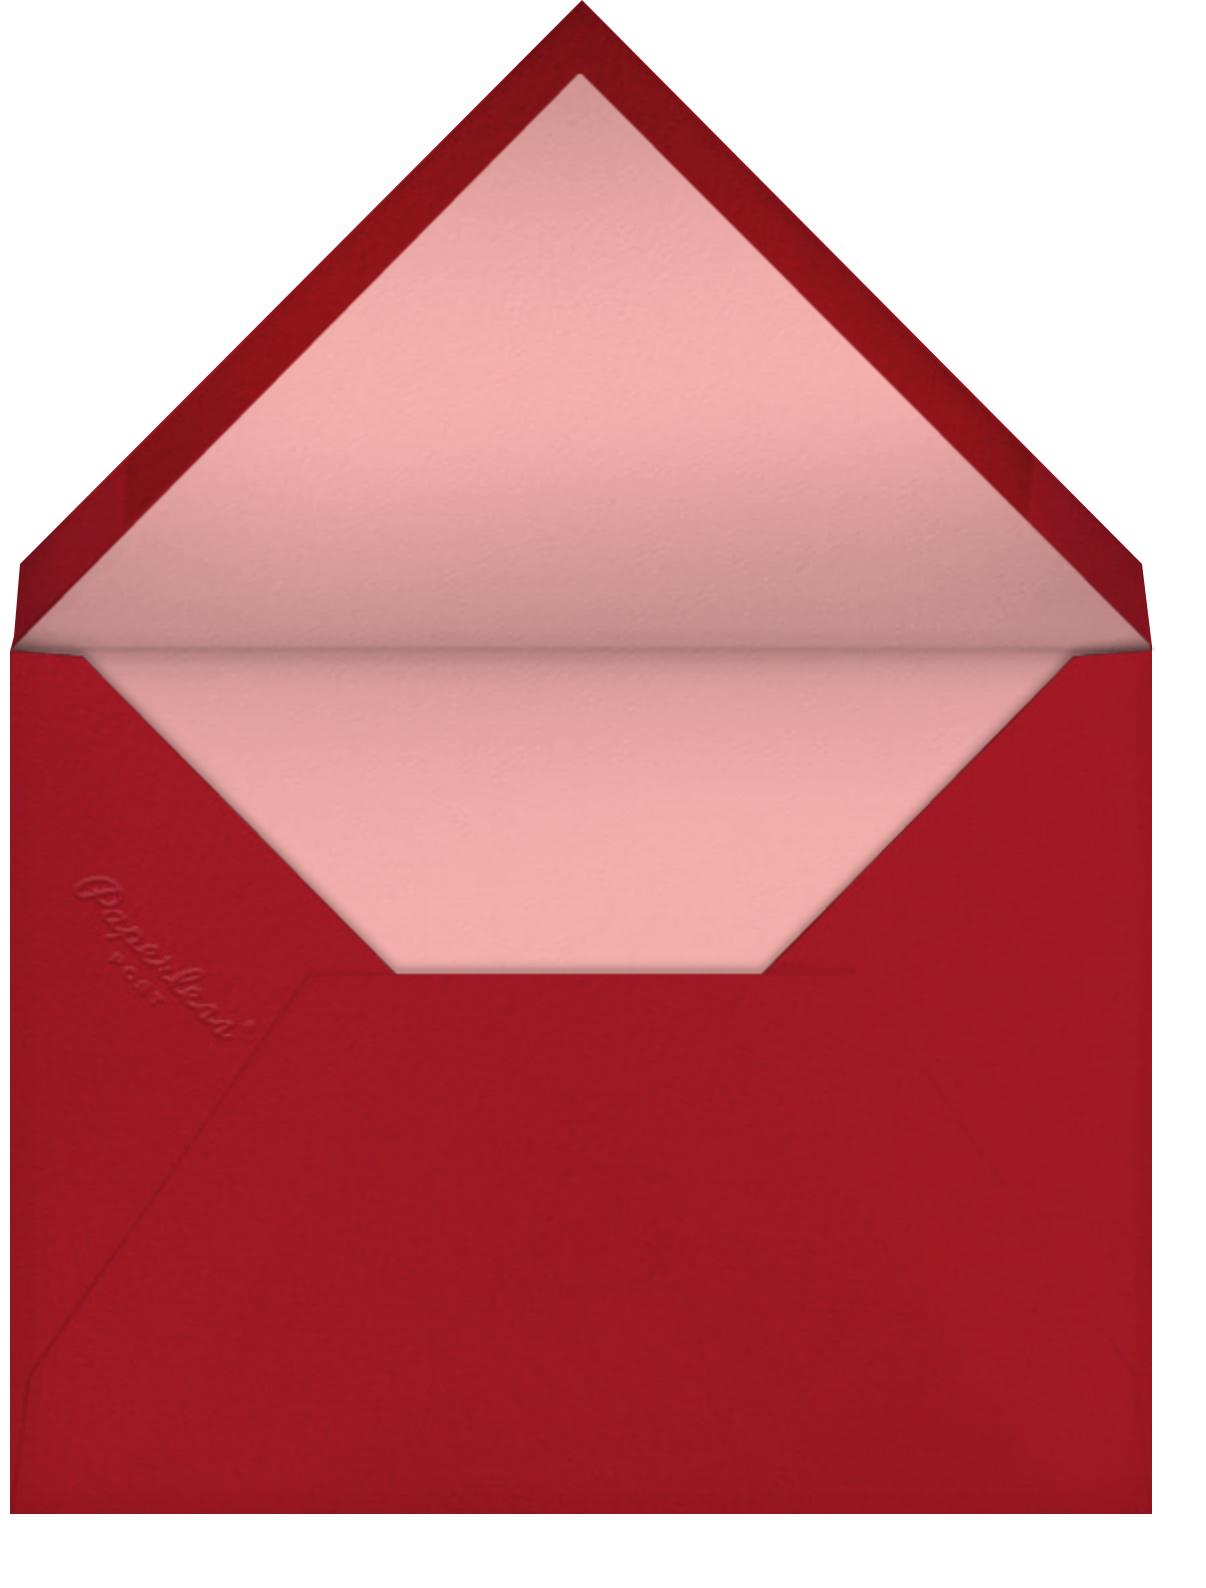 Beeyond Grateful (Becca Stadtlander) - Red Cap Cards - Thank you - envelope back